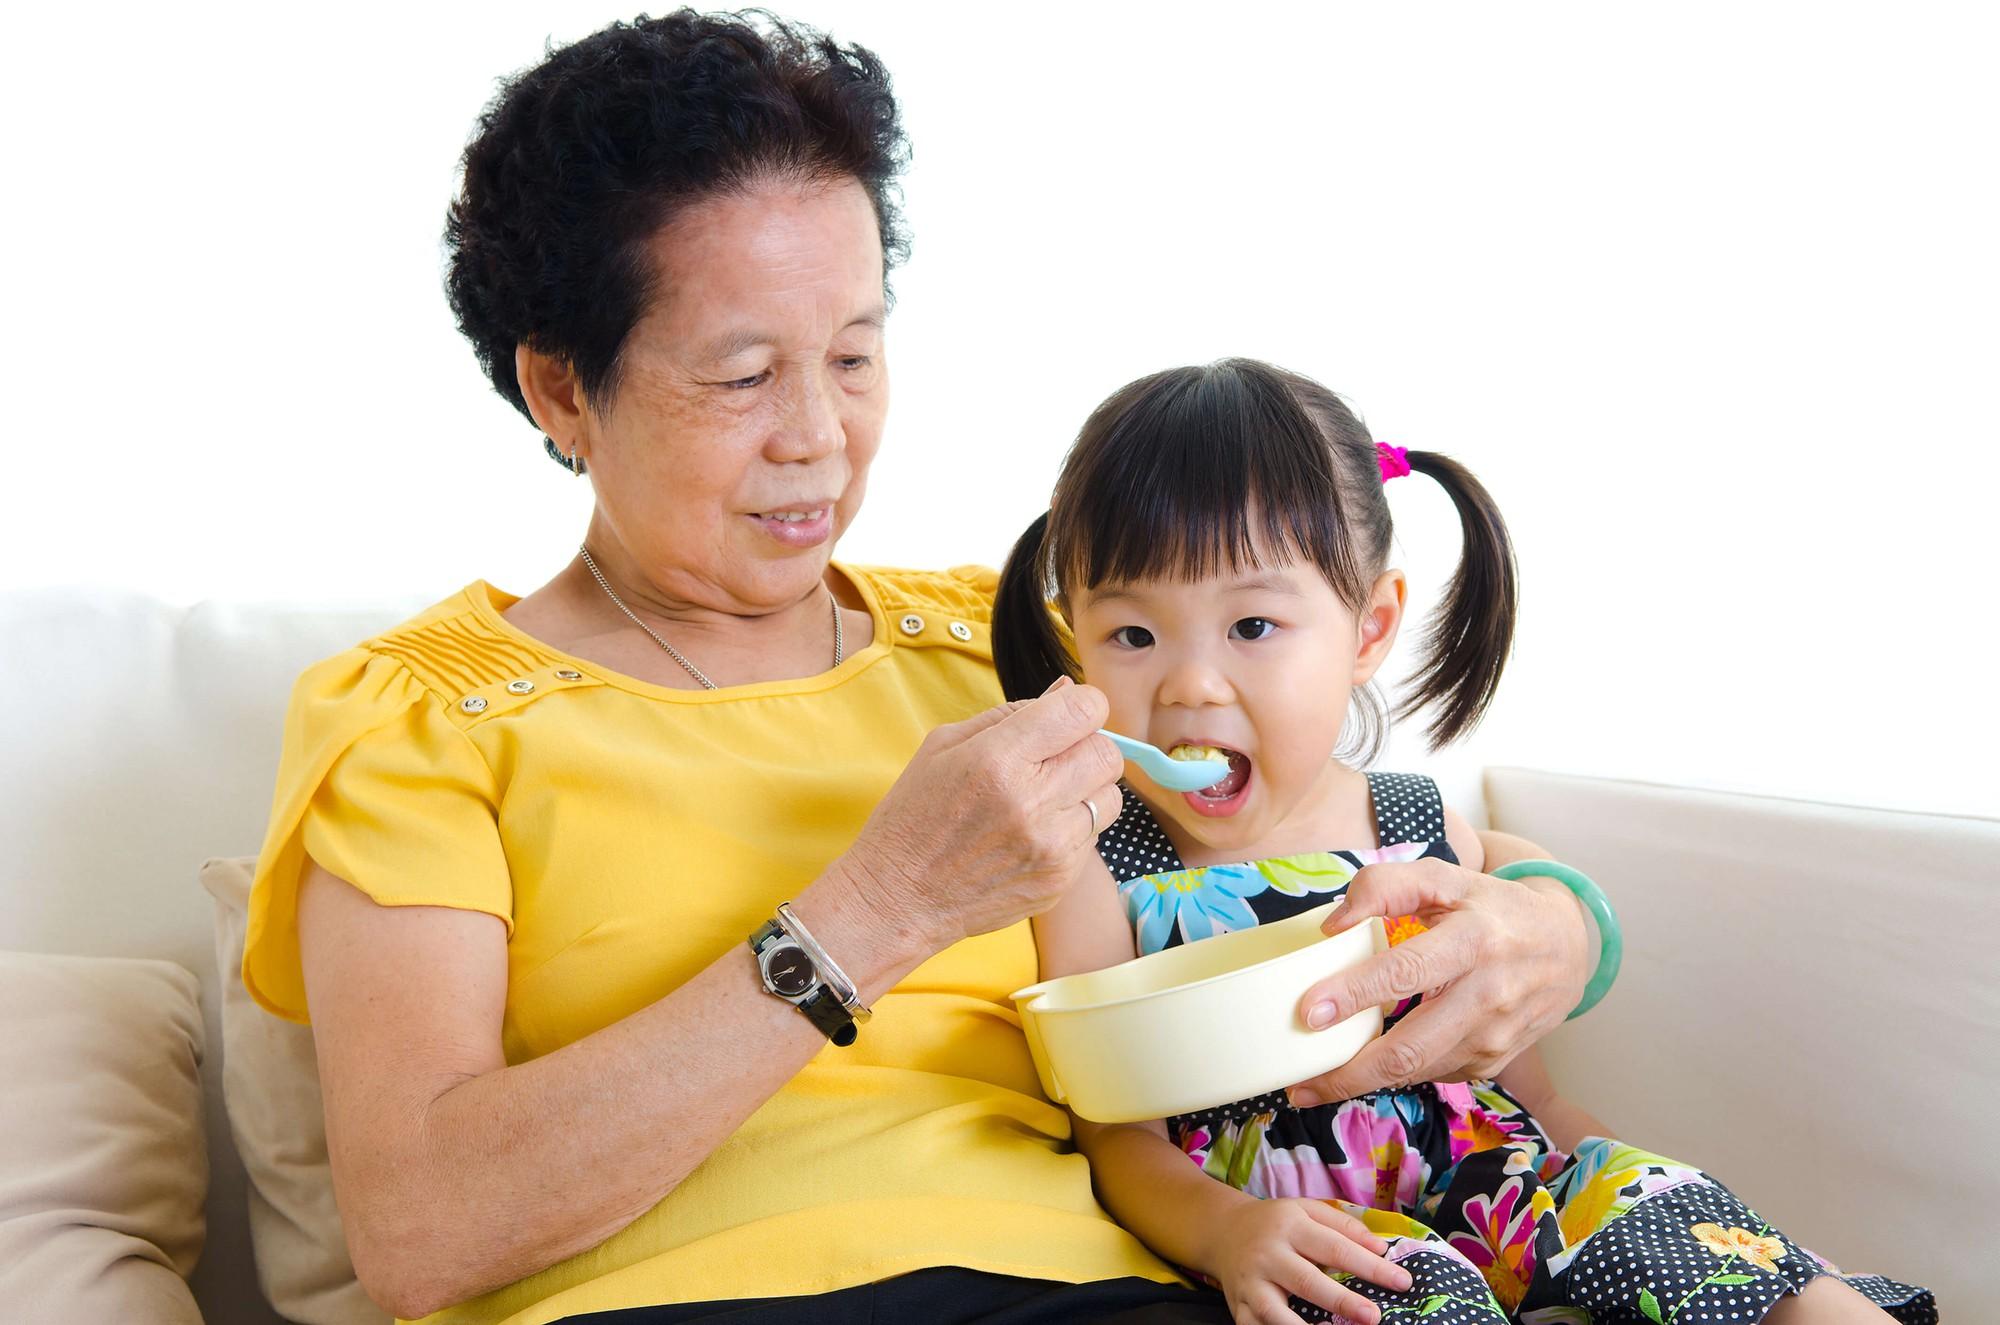 Các ông bố bà mẹ hiện đại ơi, đừng bao giờ để con ăn cơm một mình! - Ảnh 2.